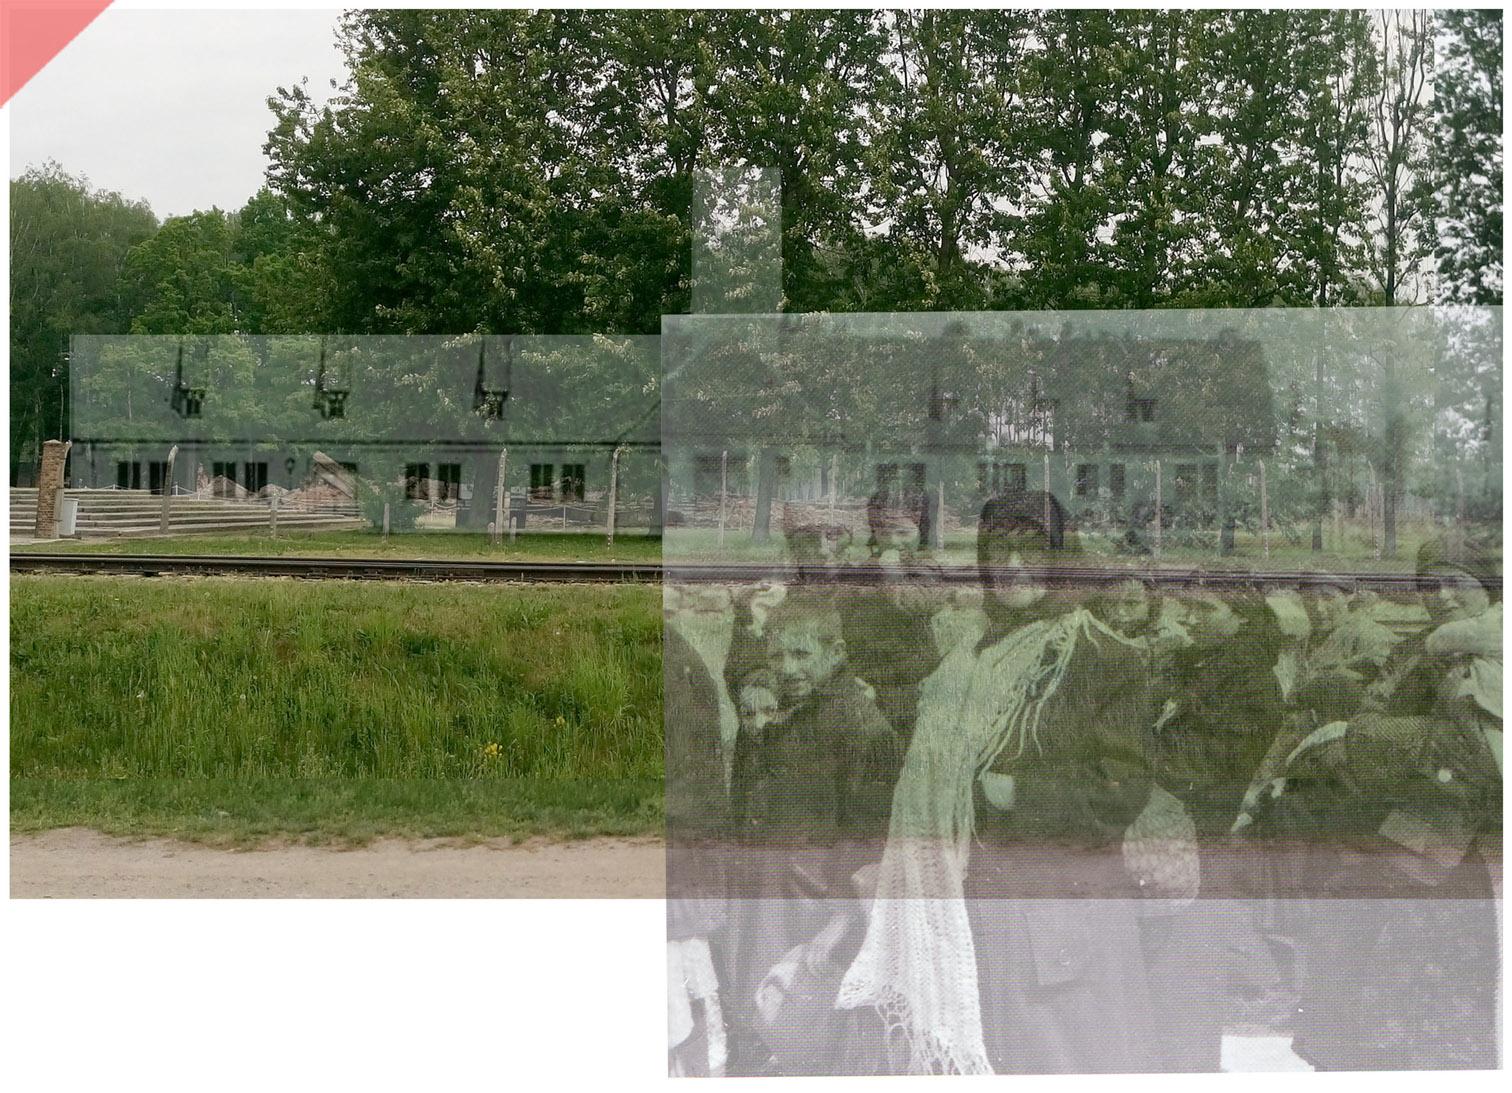 Auschwitz-Birkenau-Krematorium-3-III-superimpose-now-then-1943-1944-Photo